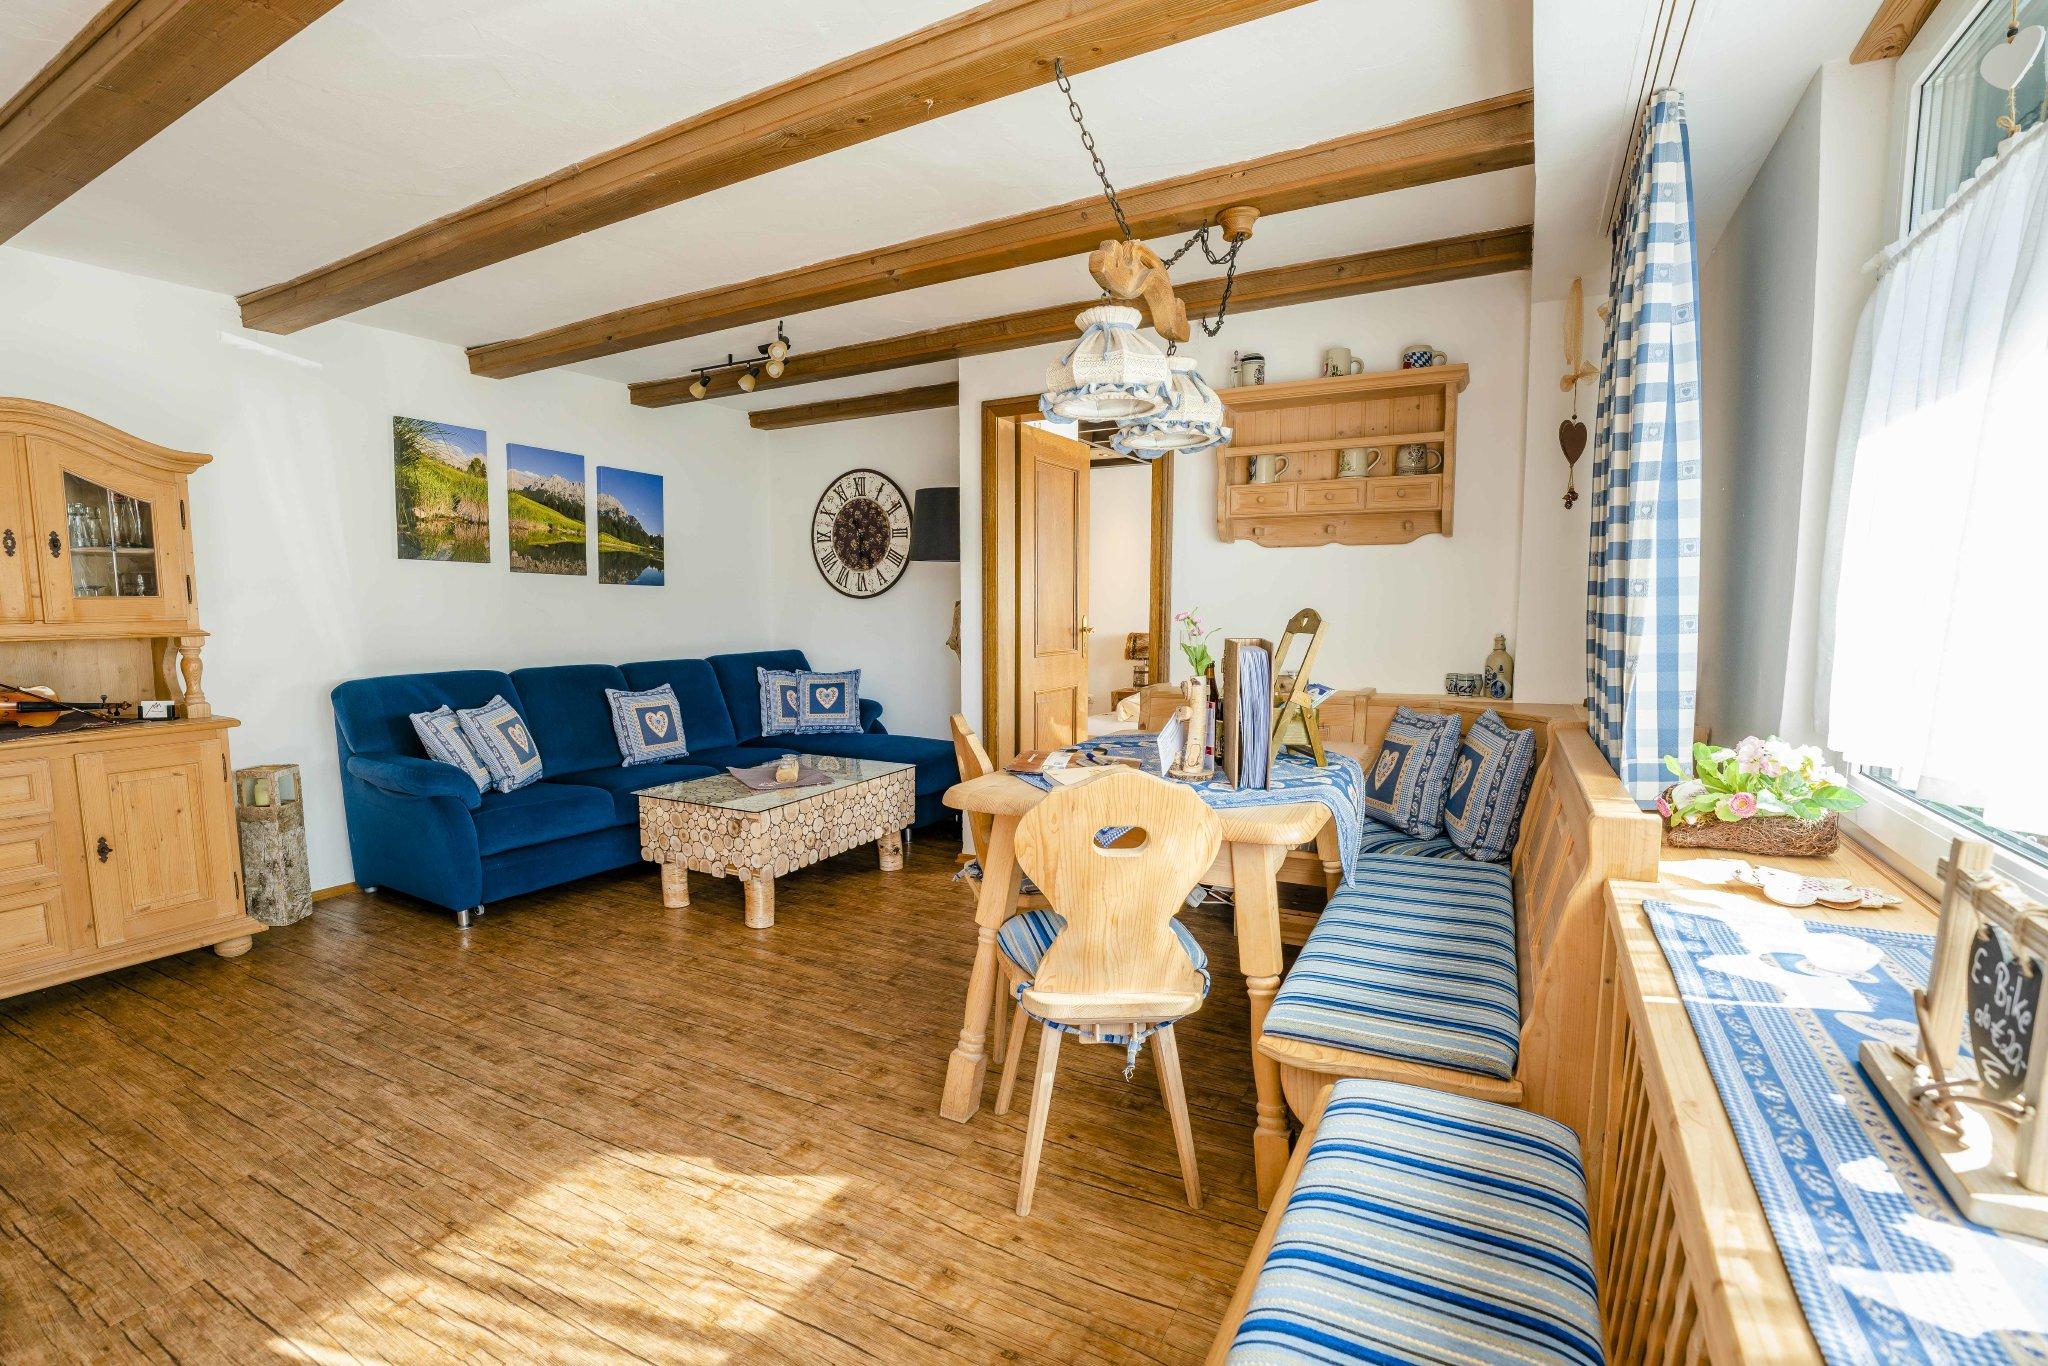 Wohnzimmer mit Eckbankgruppe und Couch